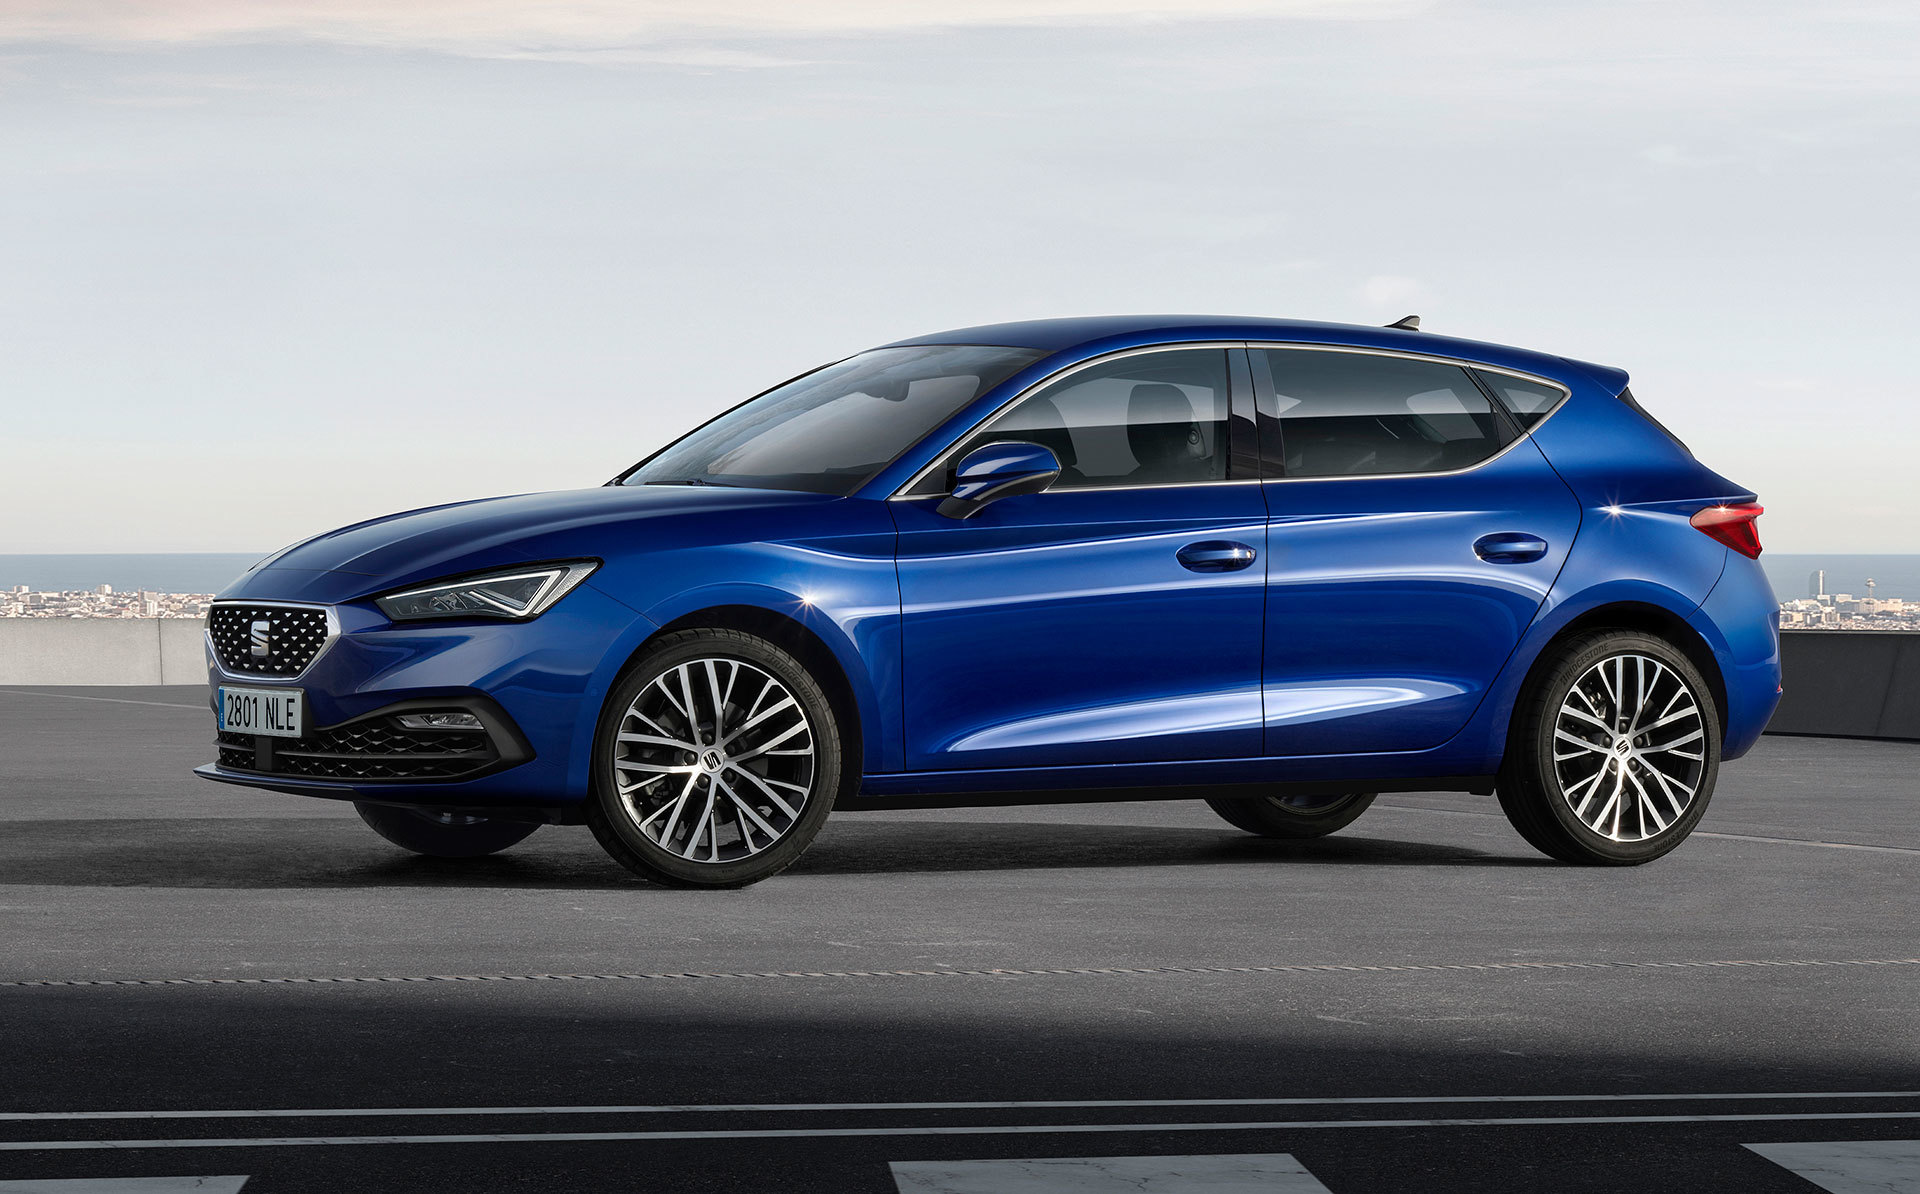 Seat Leon 2020 Xcellence Azul Mistery Blue 04